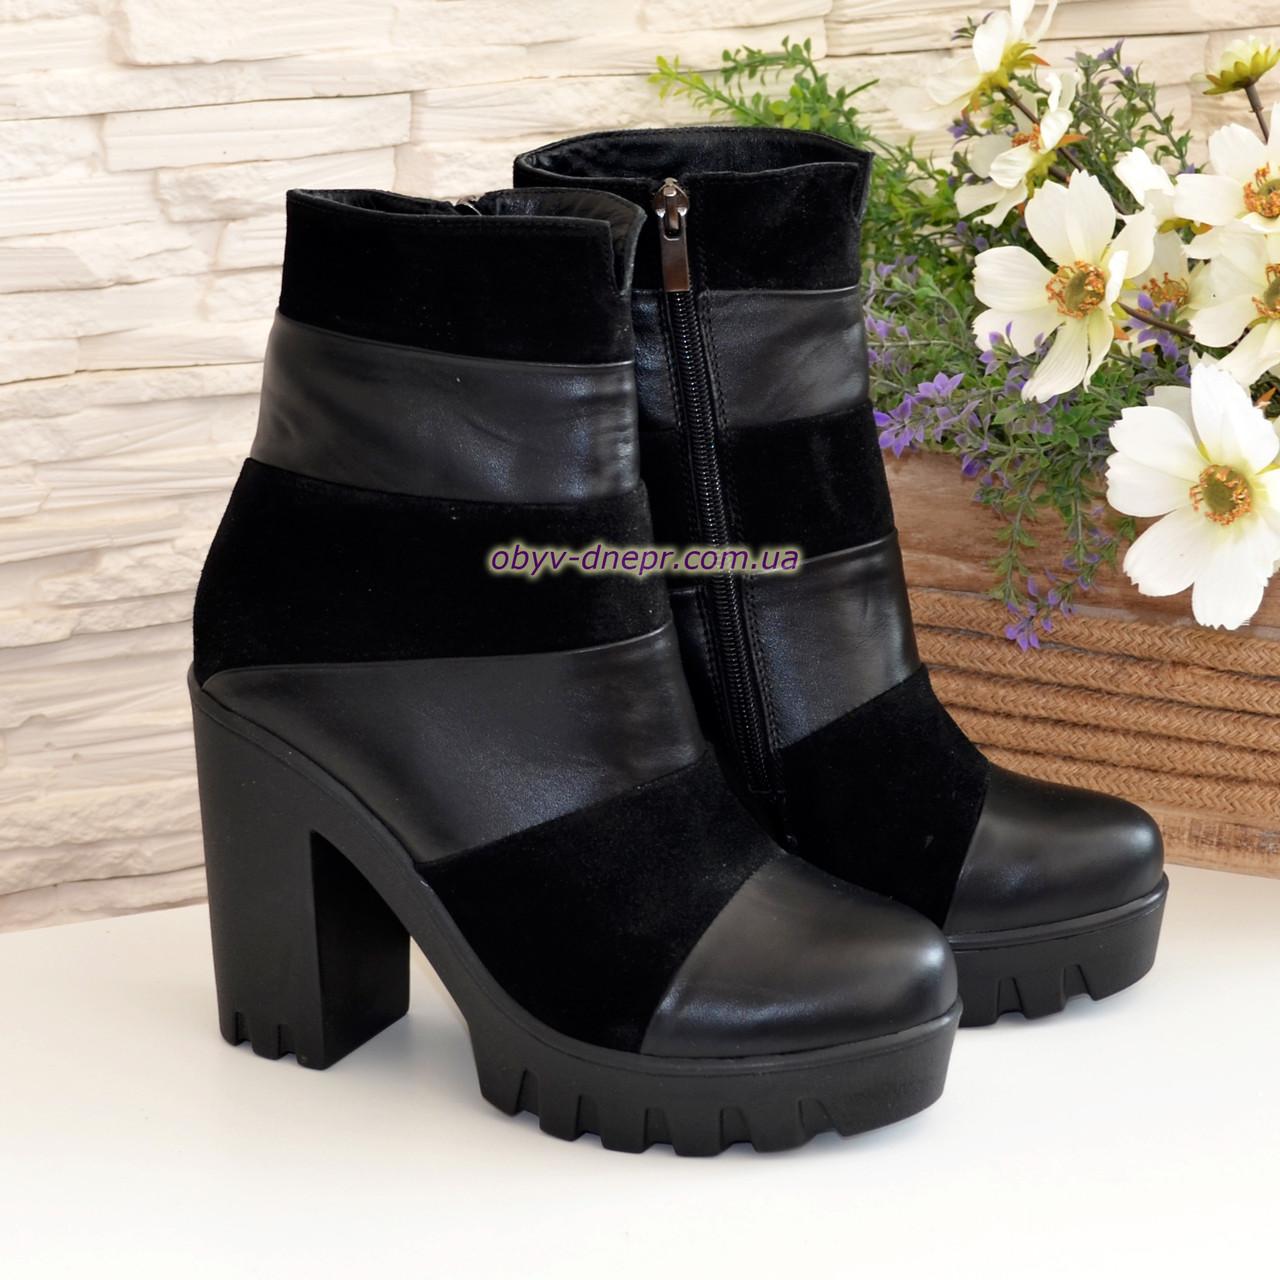 6ca964a4e Женские зимние ботинки на тракторной подошве, натуральная кожа и замша ...